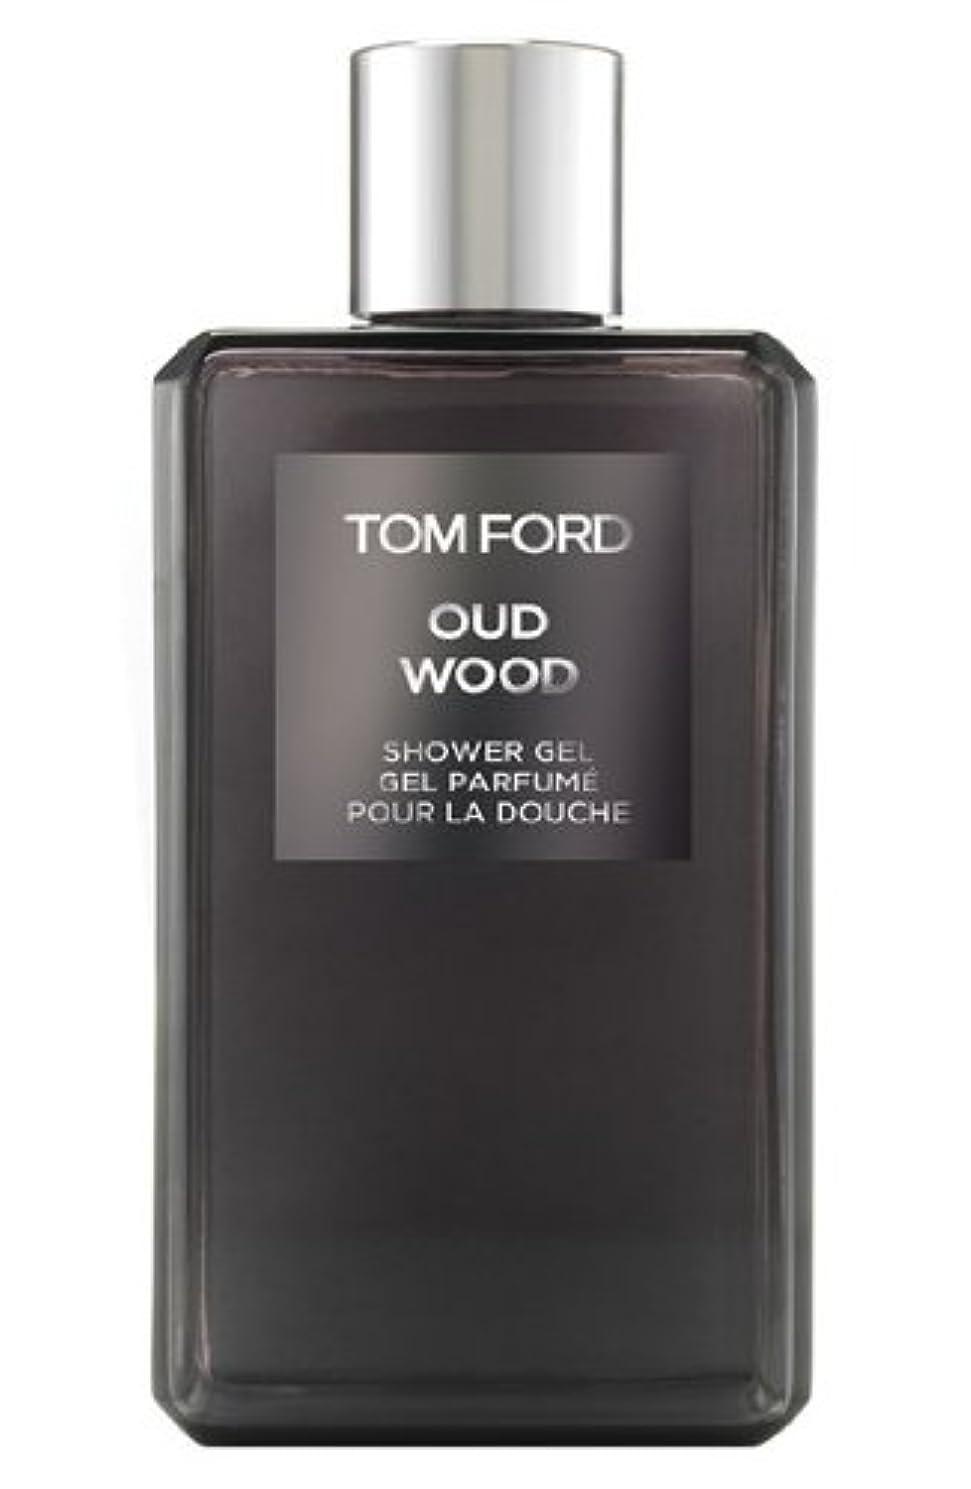 バングラデシュ上院議員審判Tom Ford Private Blend 'Oud Wood' (トムフォード プライベートブレンド オードウッド) 8.45 oz (254ml) Shower Gel